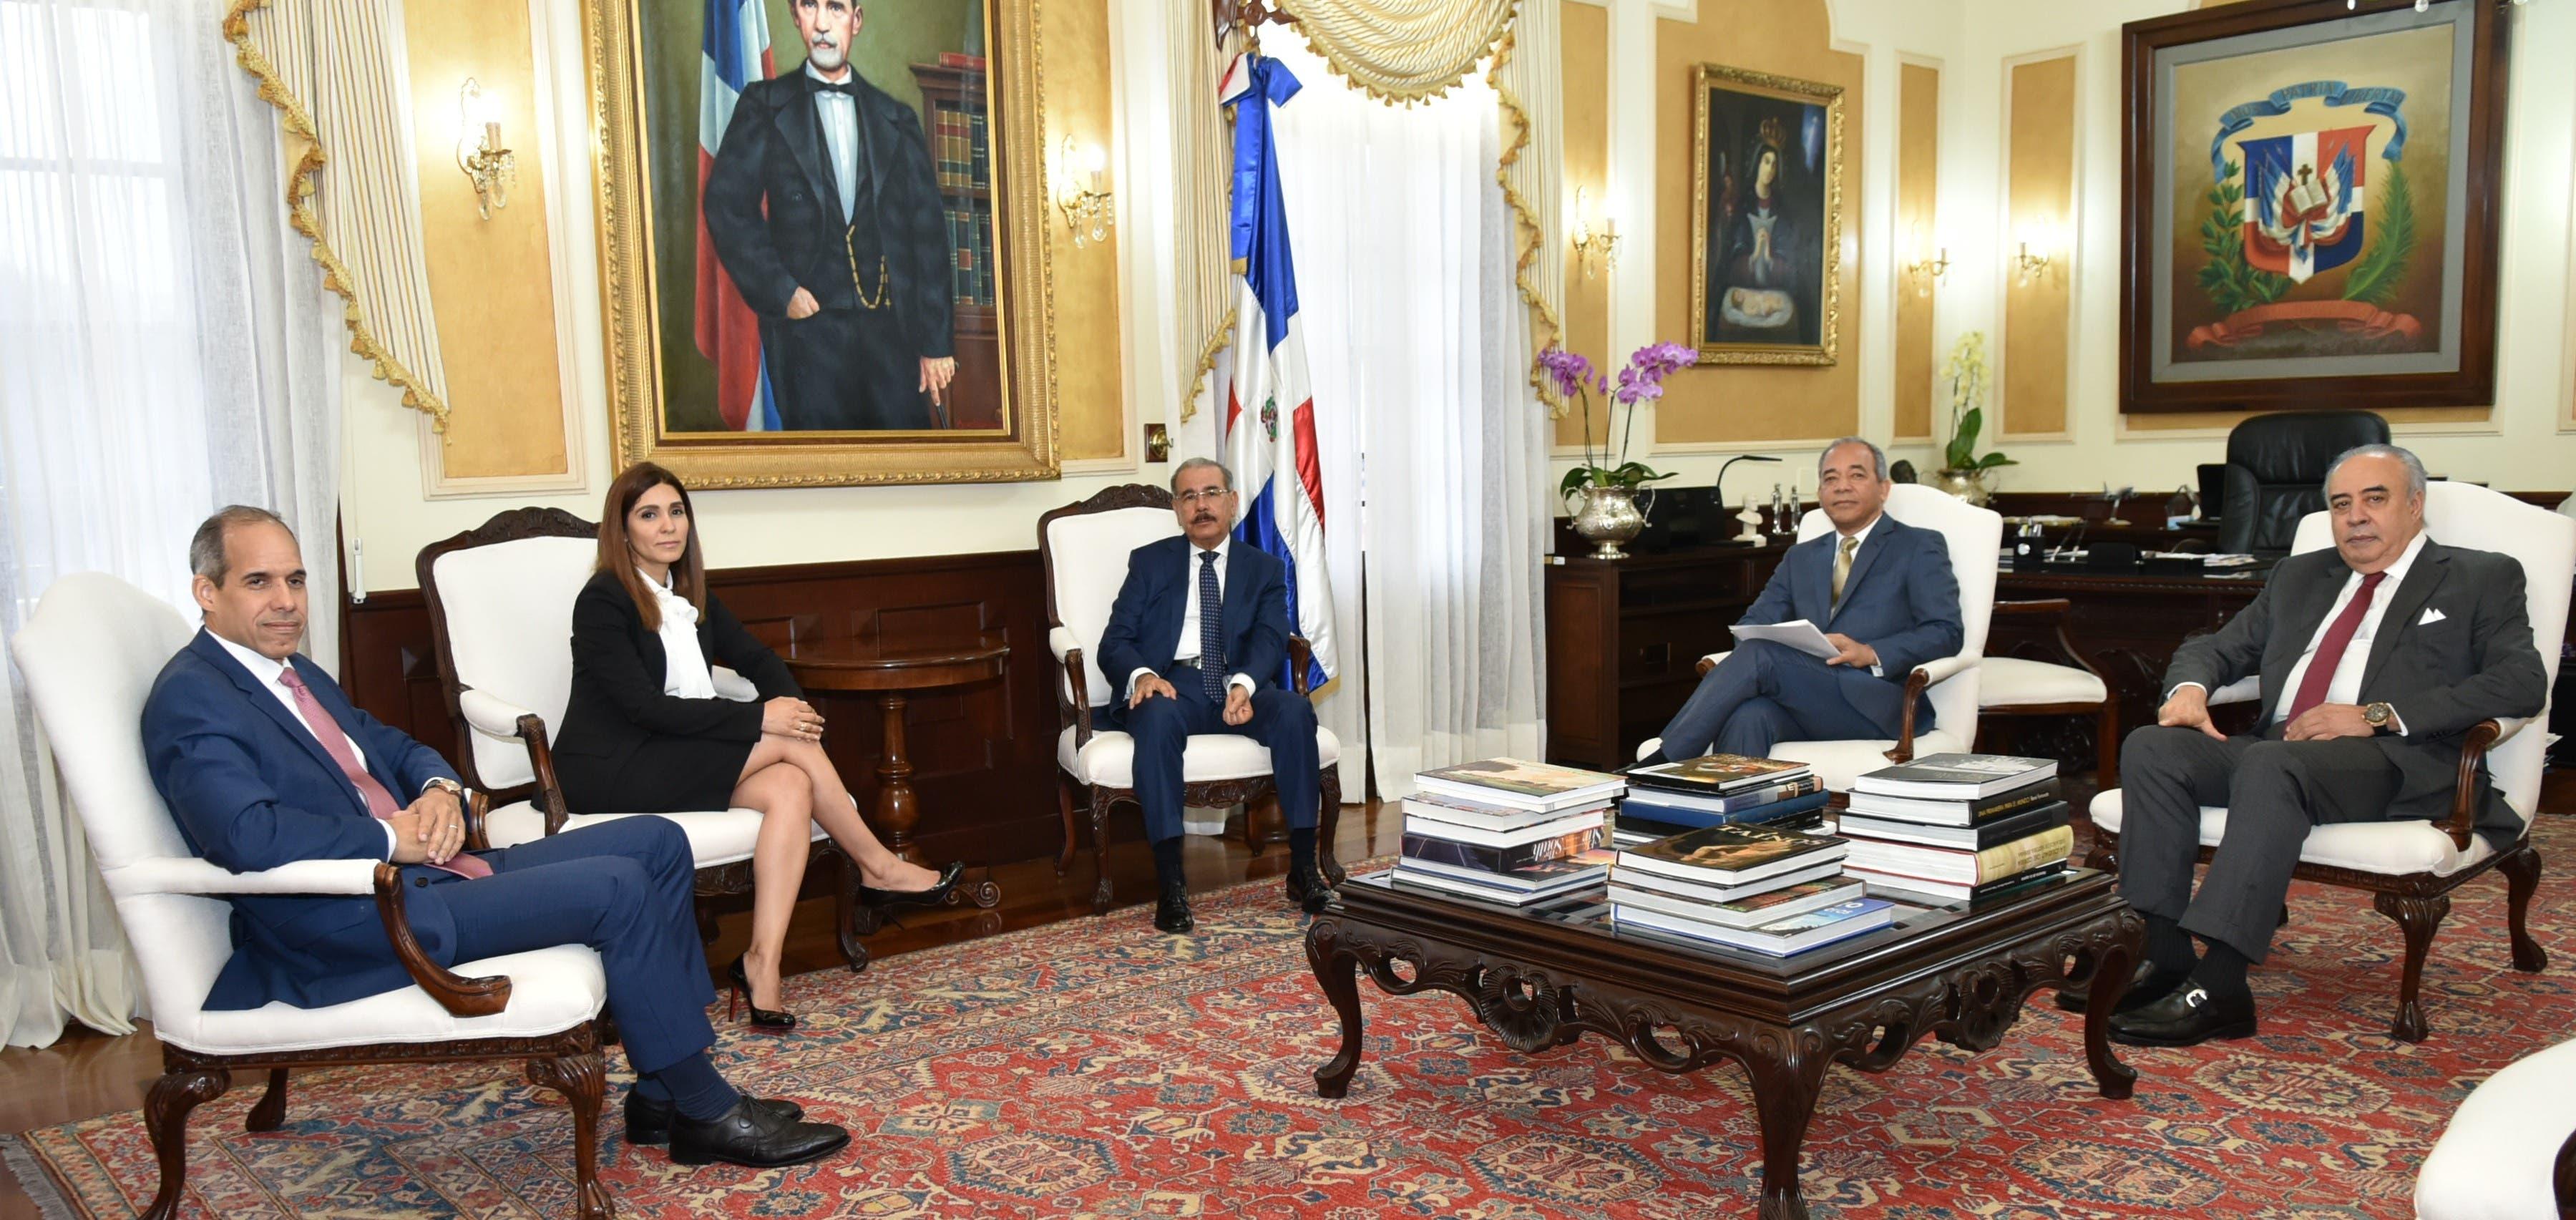 La información fue ofrecida durante una reunión con el presidente Danilo Medina en el Palacio Nacional.